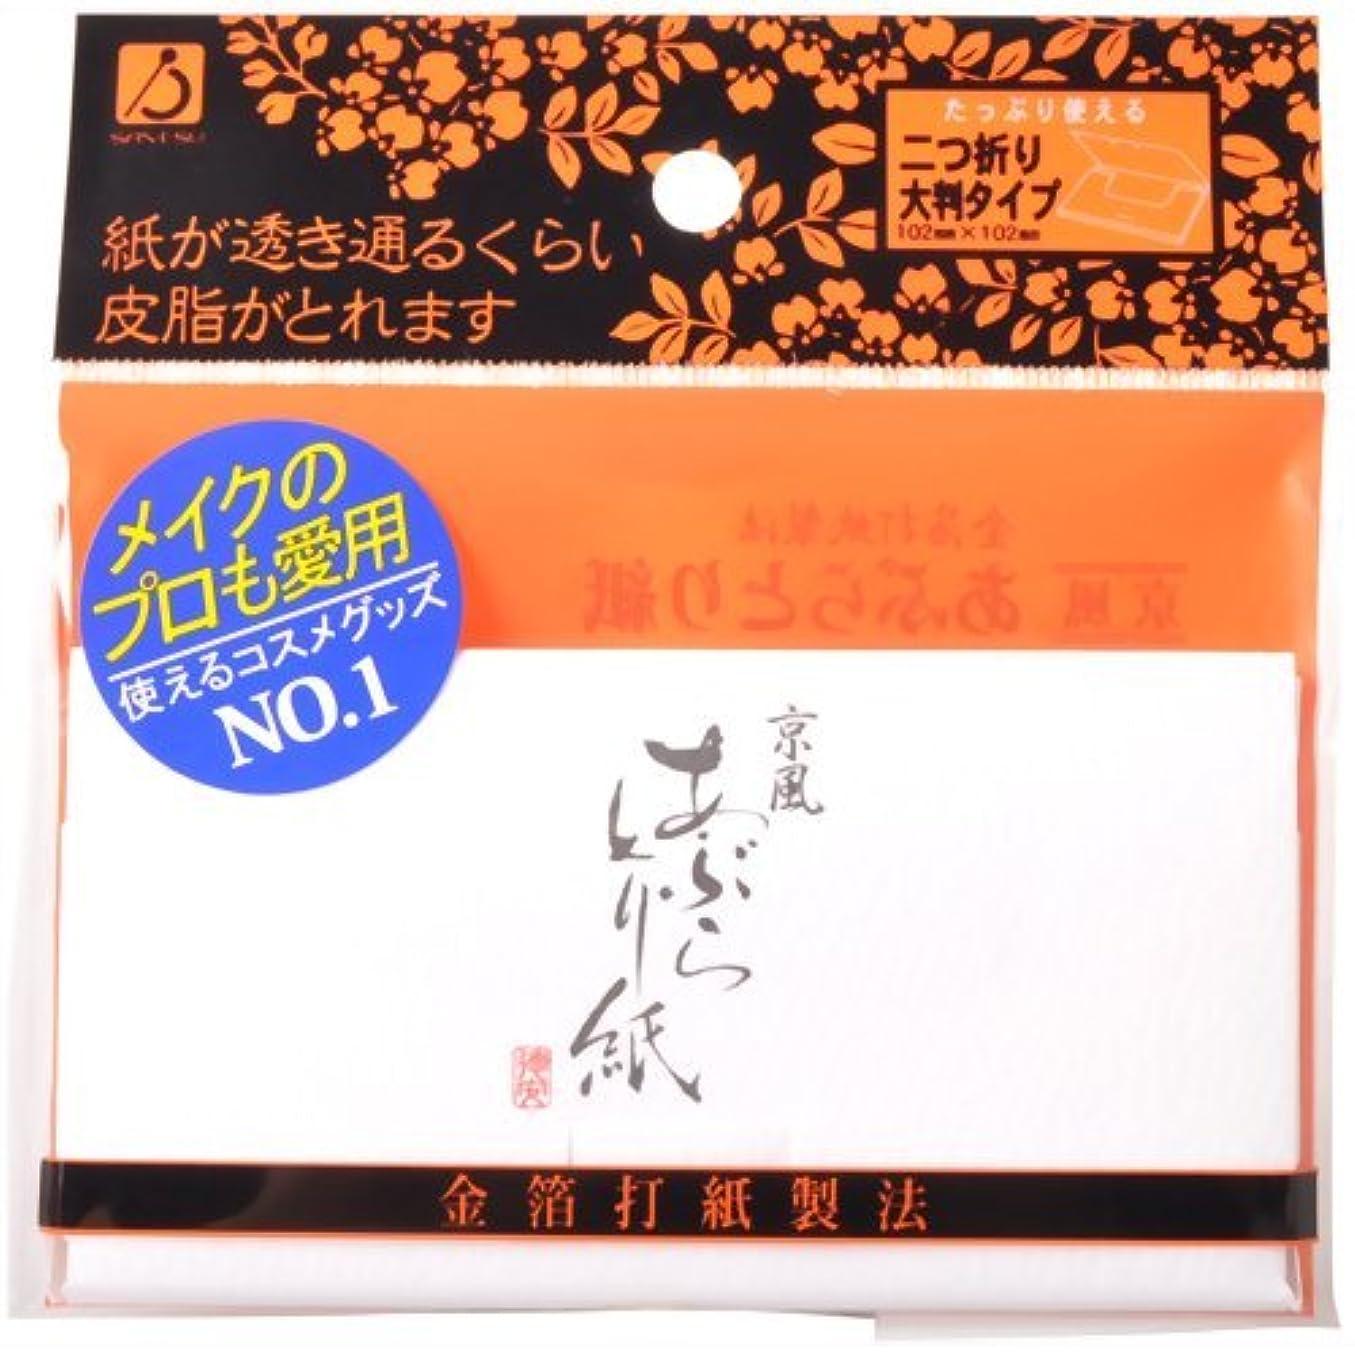 抗議現像ばかげたFP-400 京風アブラトリガミ 大判 30枚